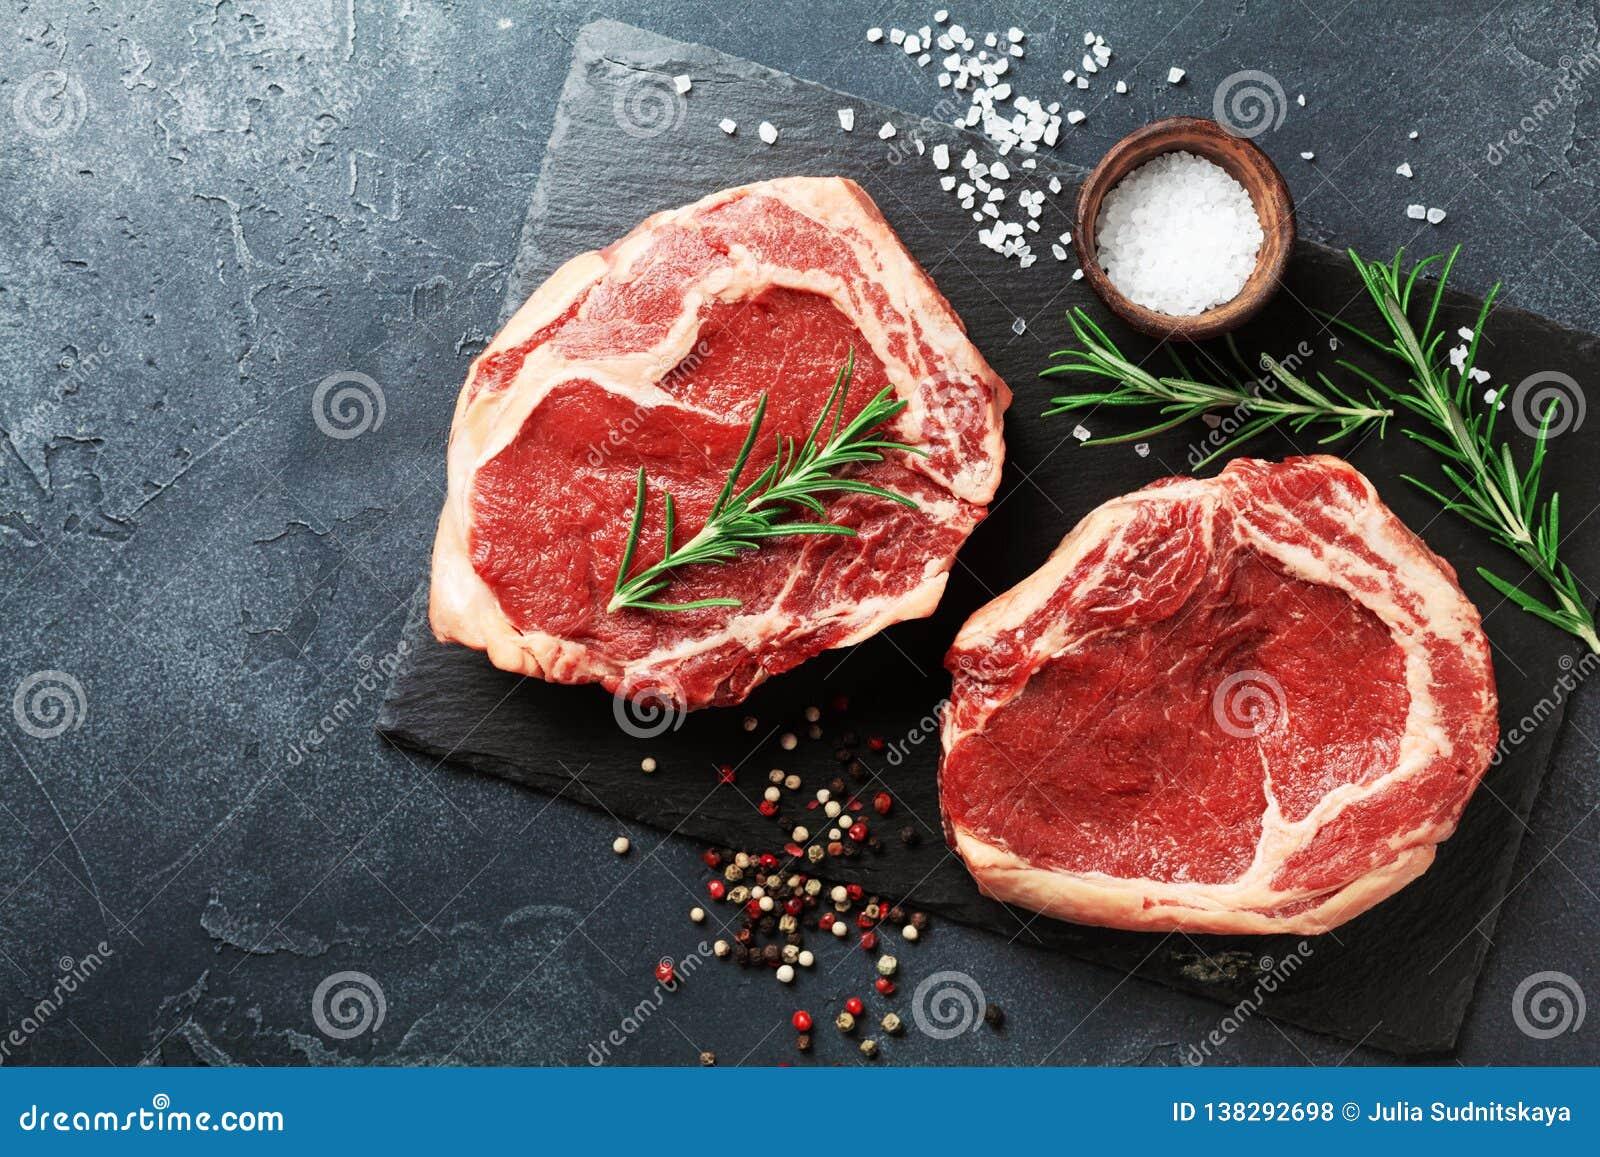 Carne fresca en la opinión de top del tablero del negro de la pizarra Filete y especias crudos de carne de vaca para cocinar